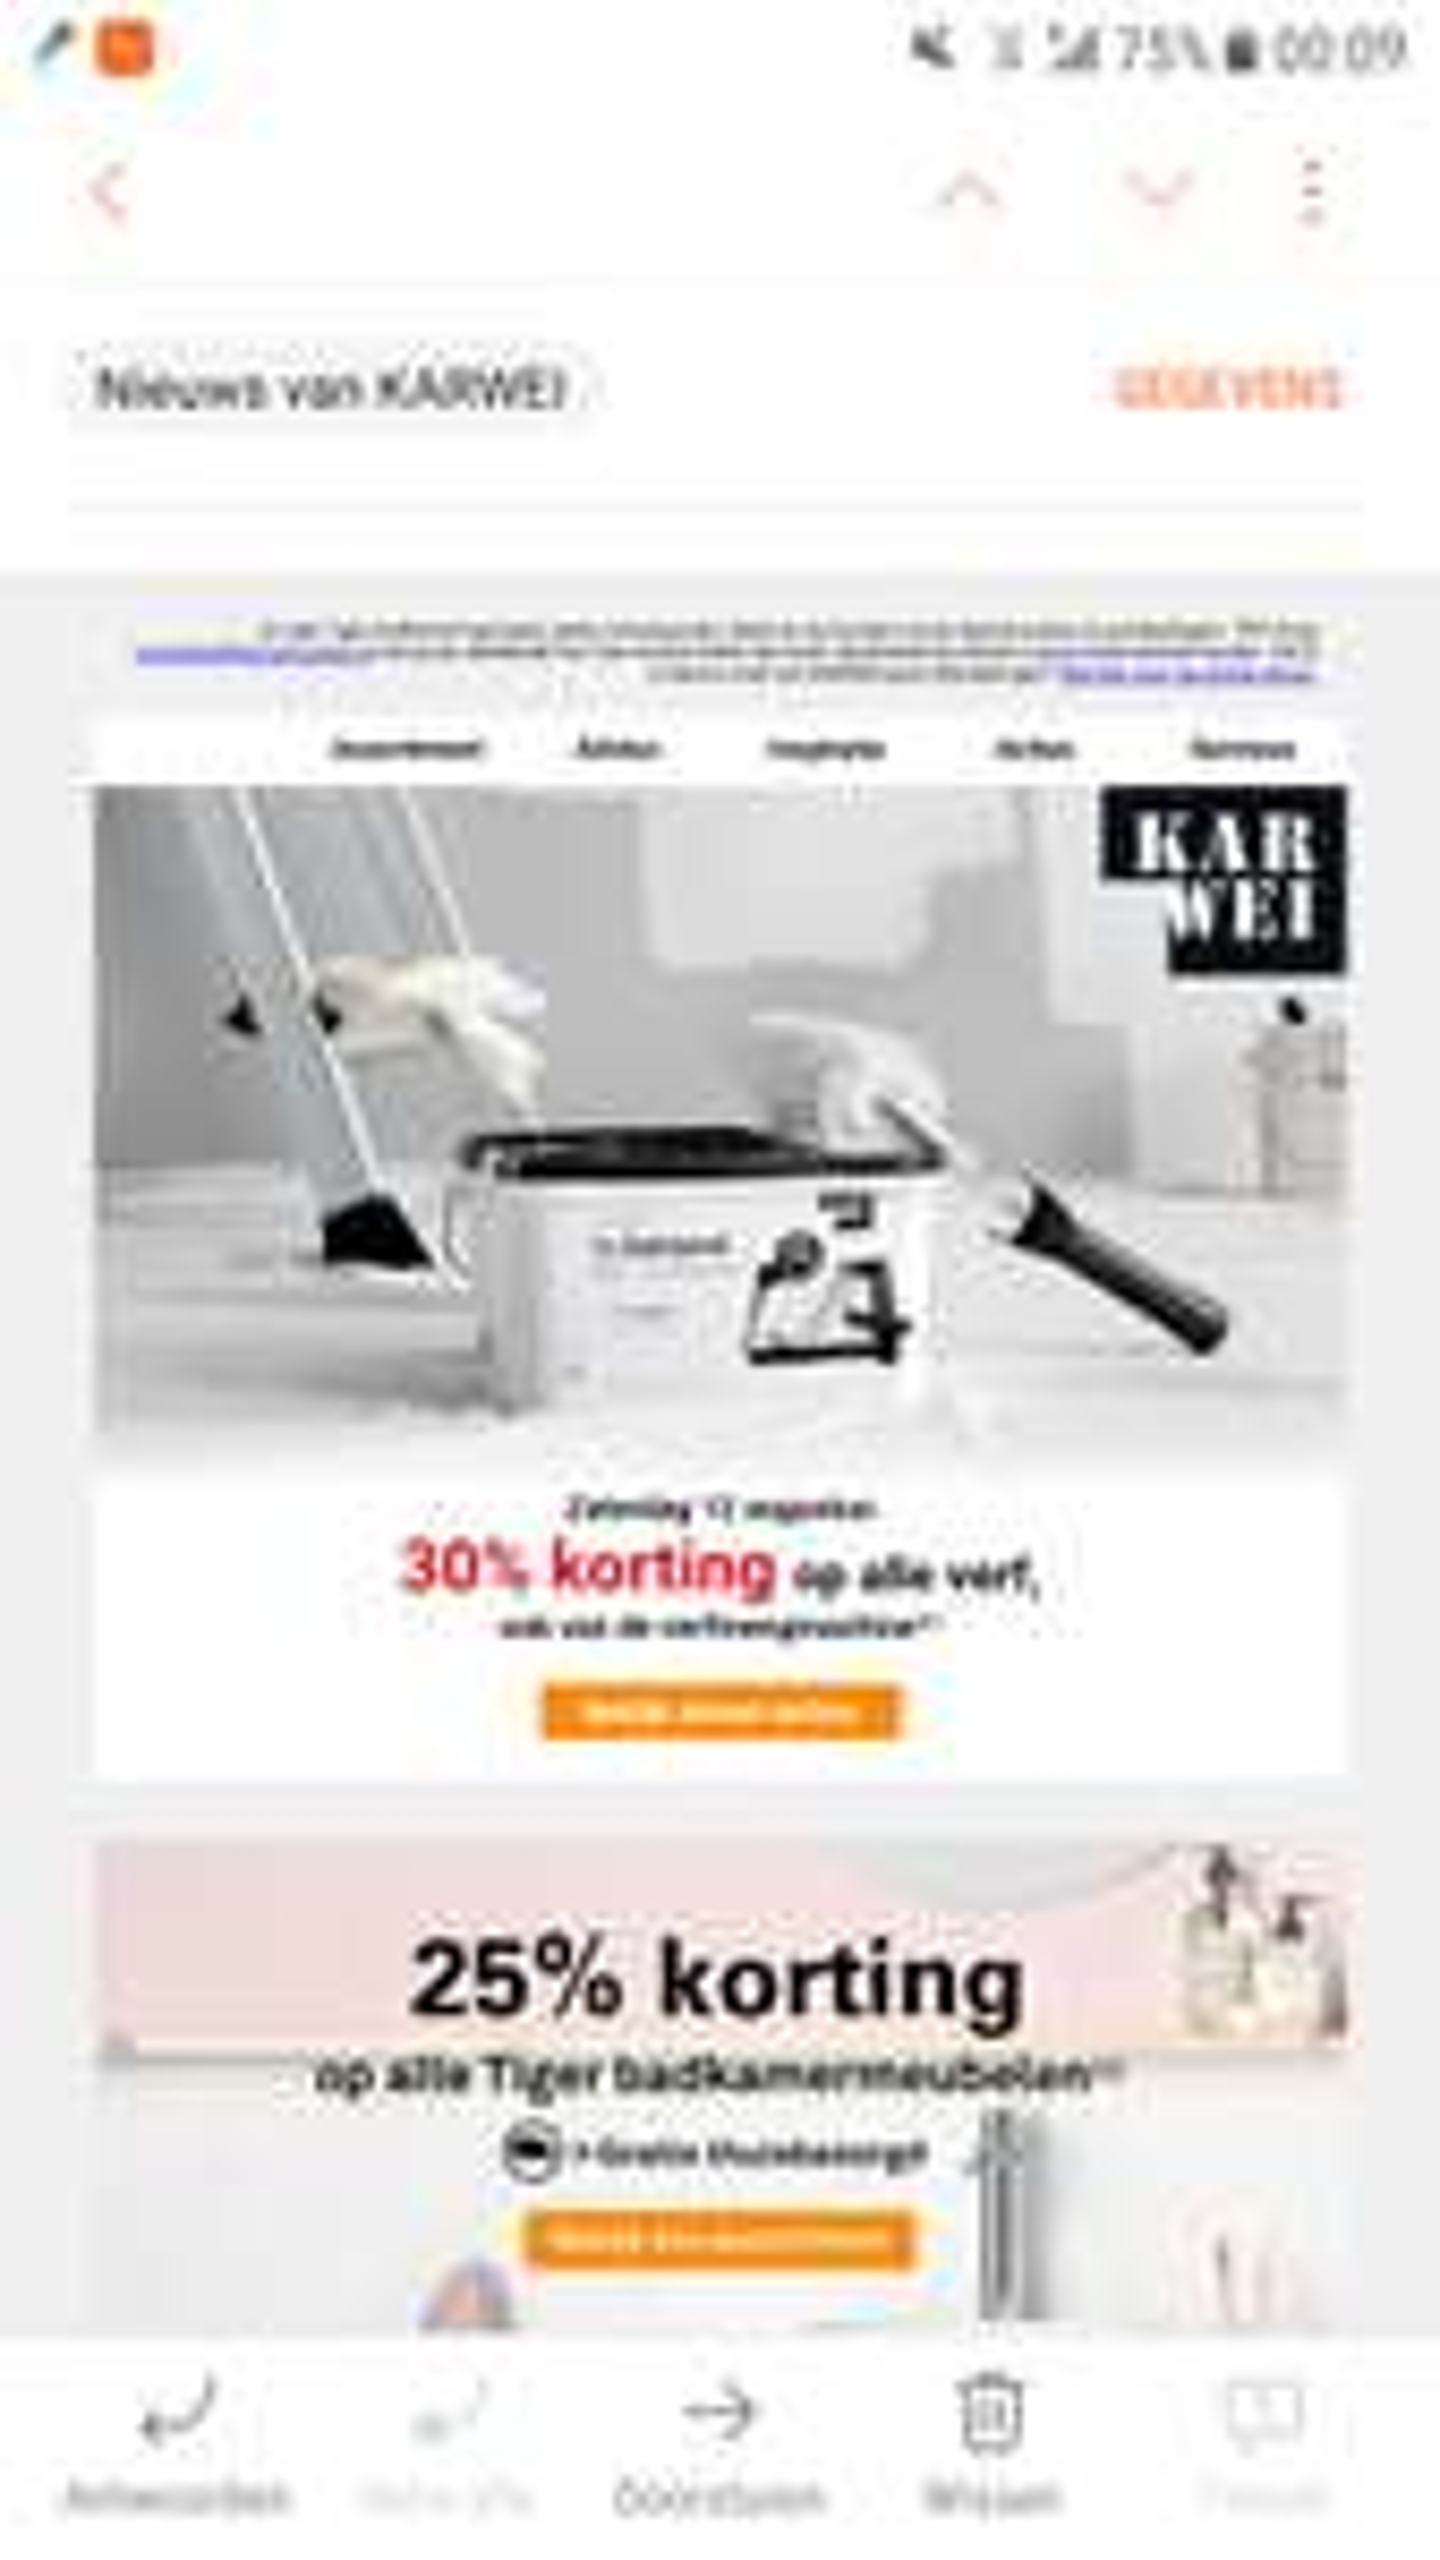 30% korting op alle verf (ook van de  verfmengmachine) @ Karwei